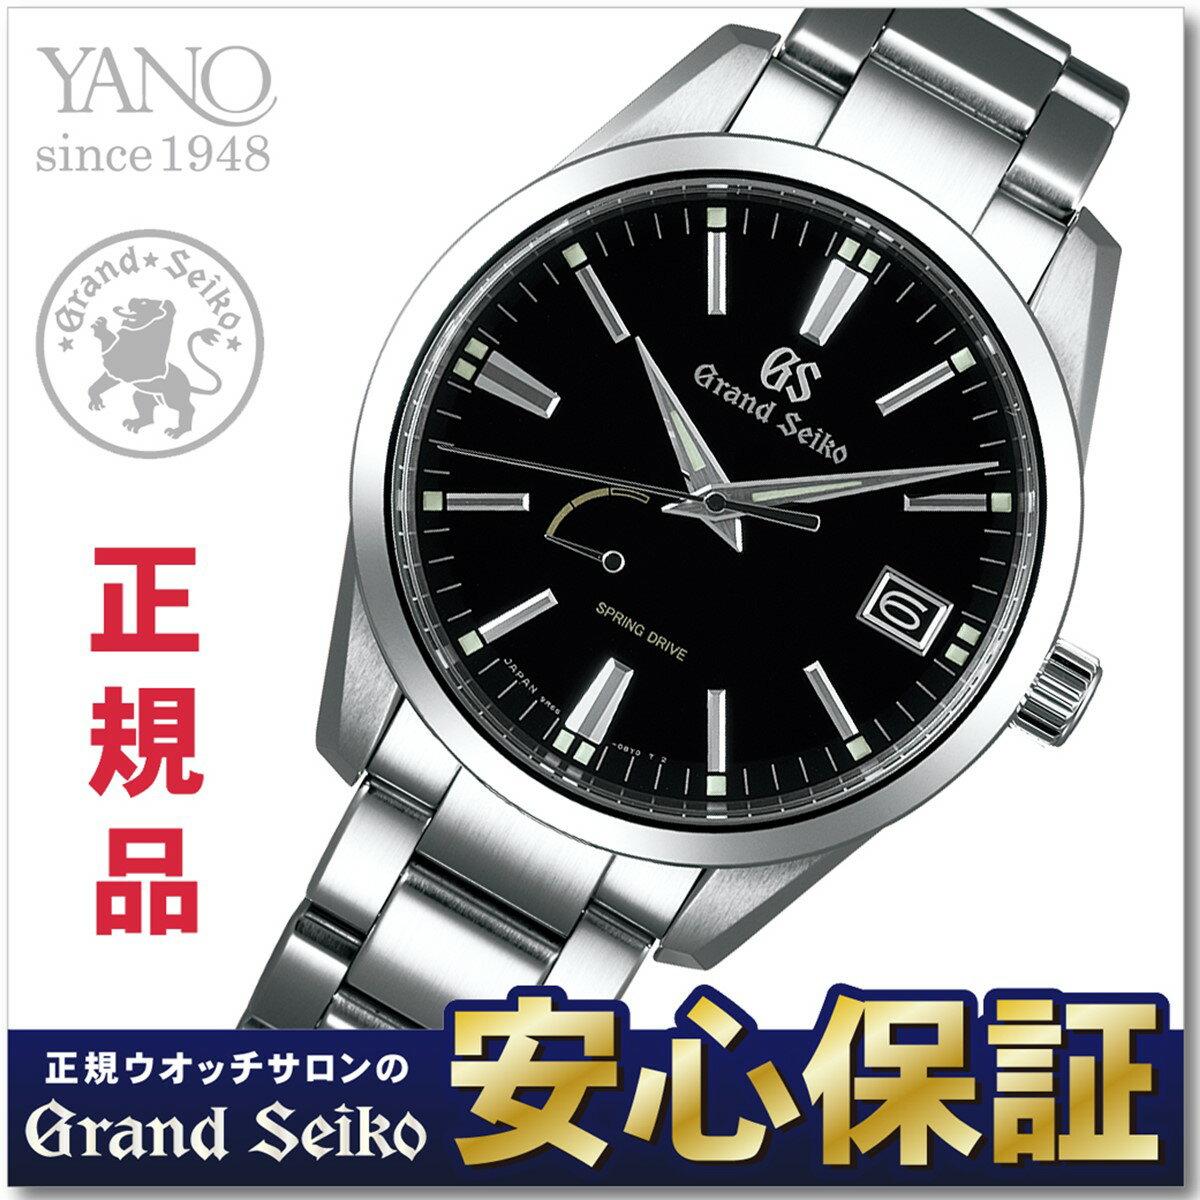 【グランドセイコー ノベルティボールペン付き!】グランドセイコー SBGA301 スプリングドライブ 9R65 メンズ 腕時計 GRAND SEIKO 【正規品】【0517】NLGS_10spl【店頭受取対応商品】